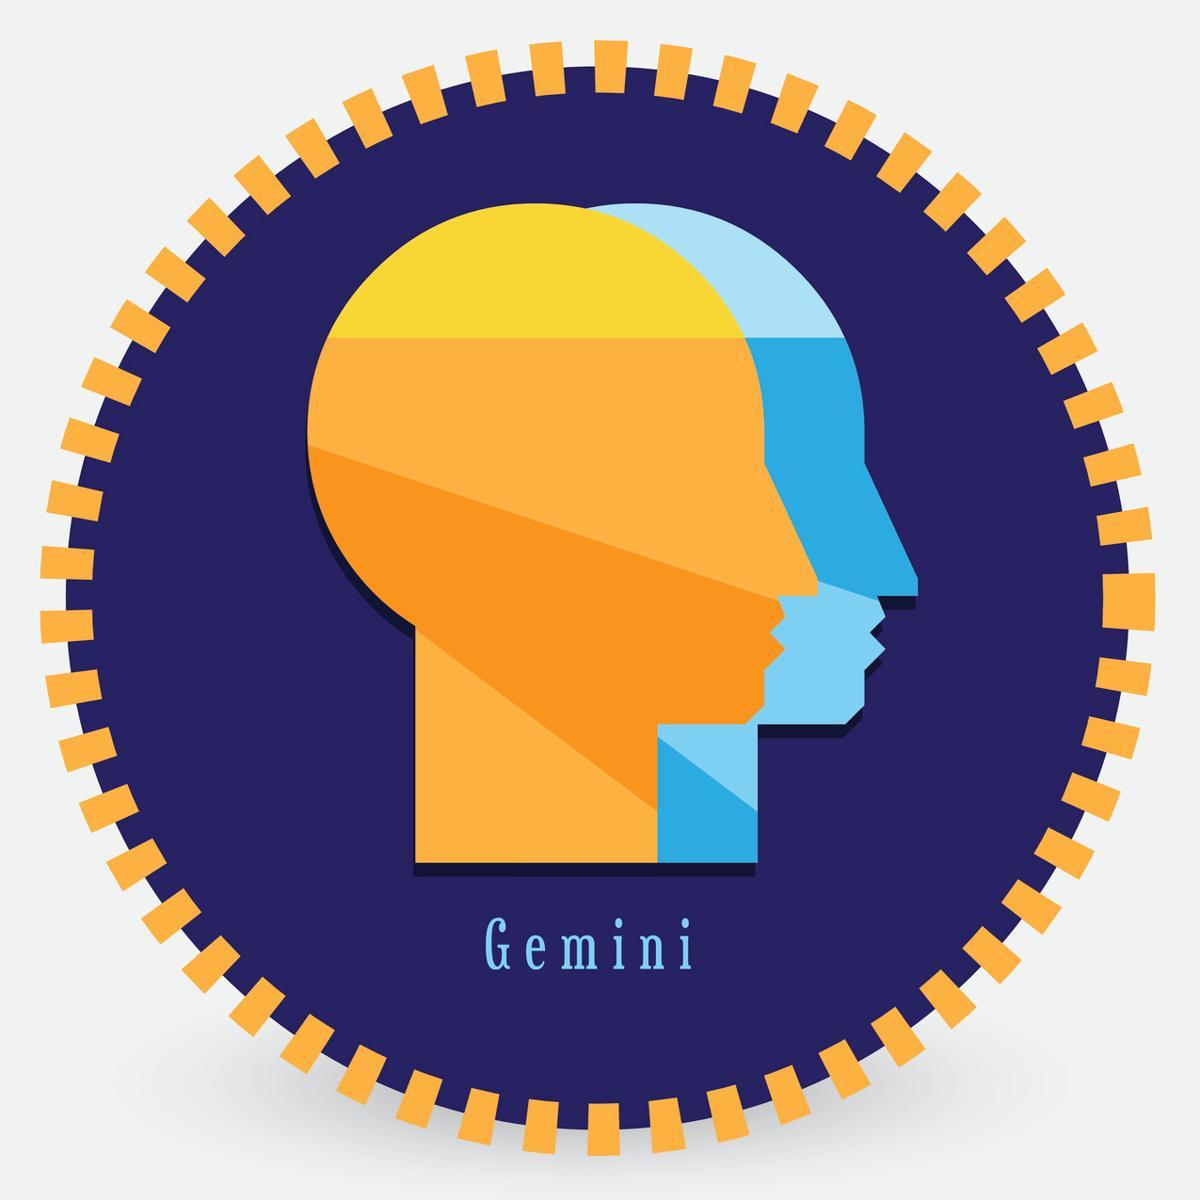 Who should gemini date in Perth